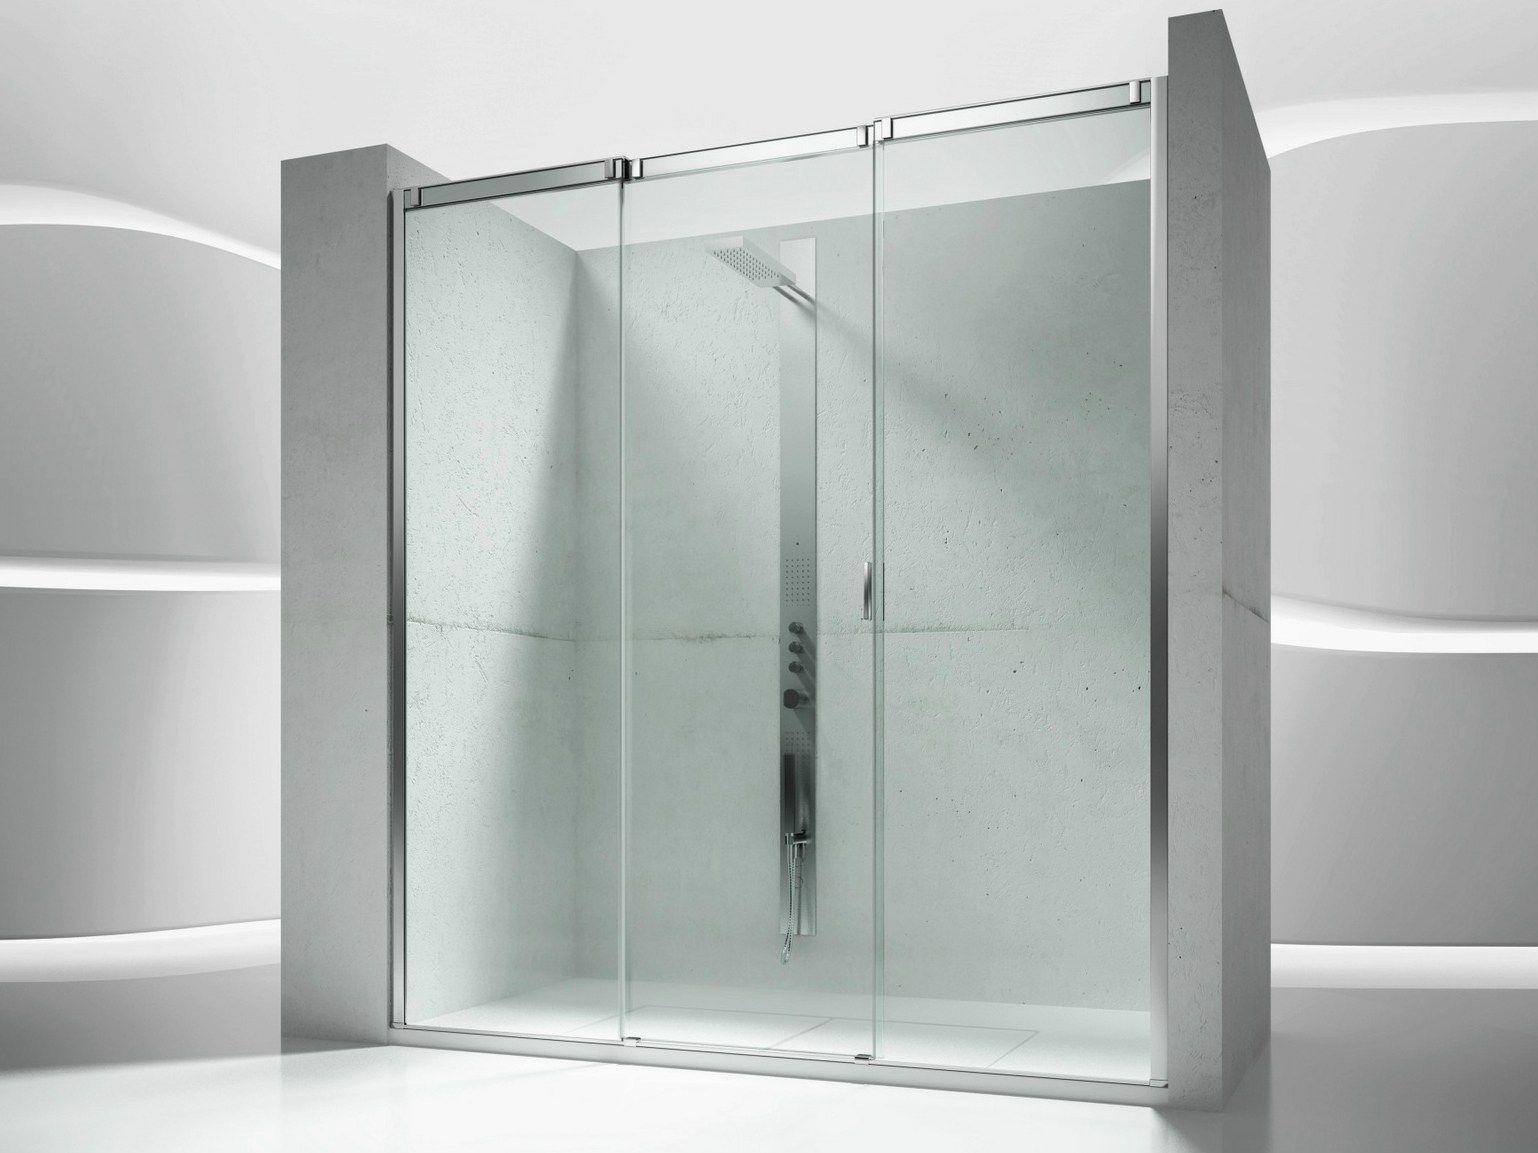 Cabinas De Baño En Vidrio:Puertas De Vidrio Para Banos